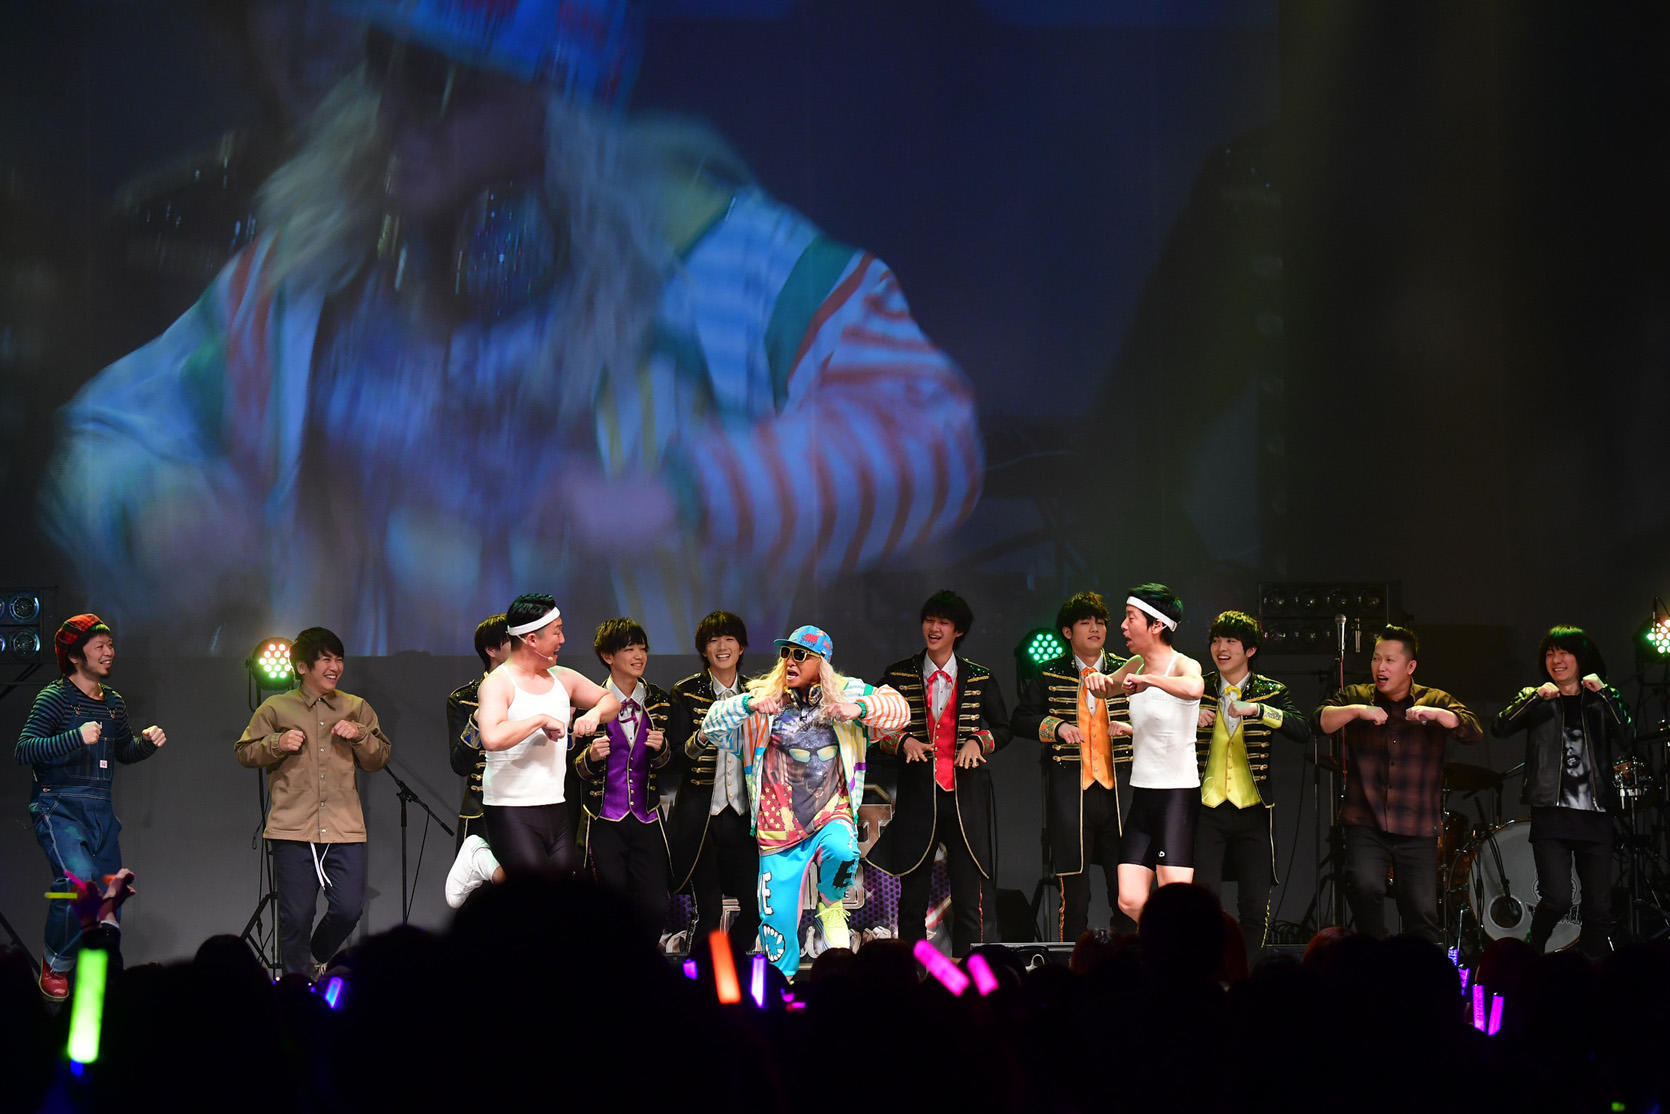 http://news.yoshimoto.co.jp/20181201025115-21f266246458c4a26fde8ca8d1fa8c3b2cf1770e.jpg